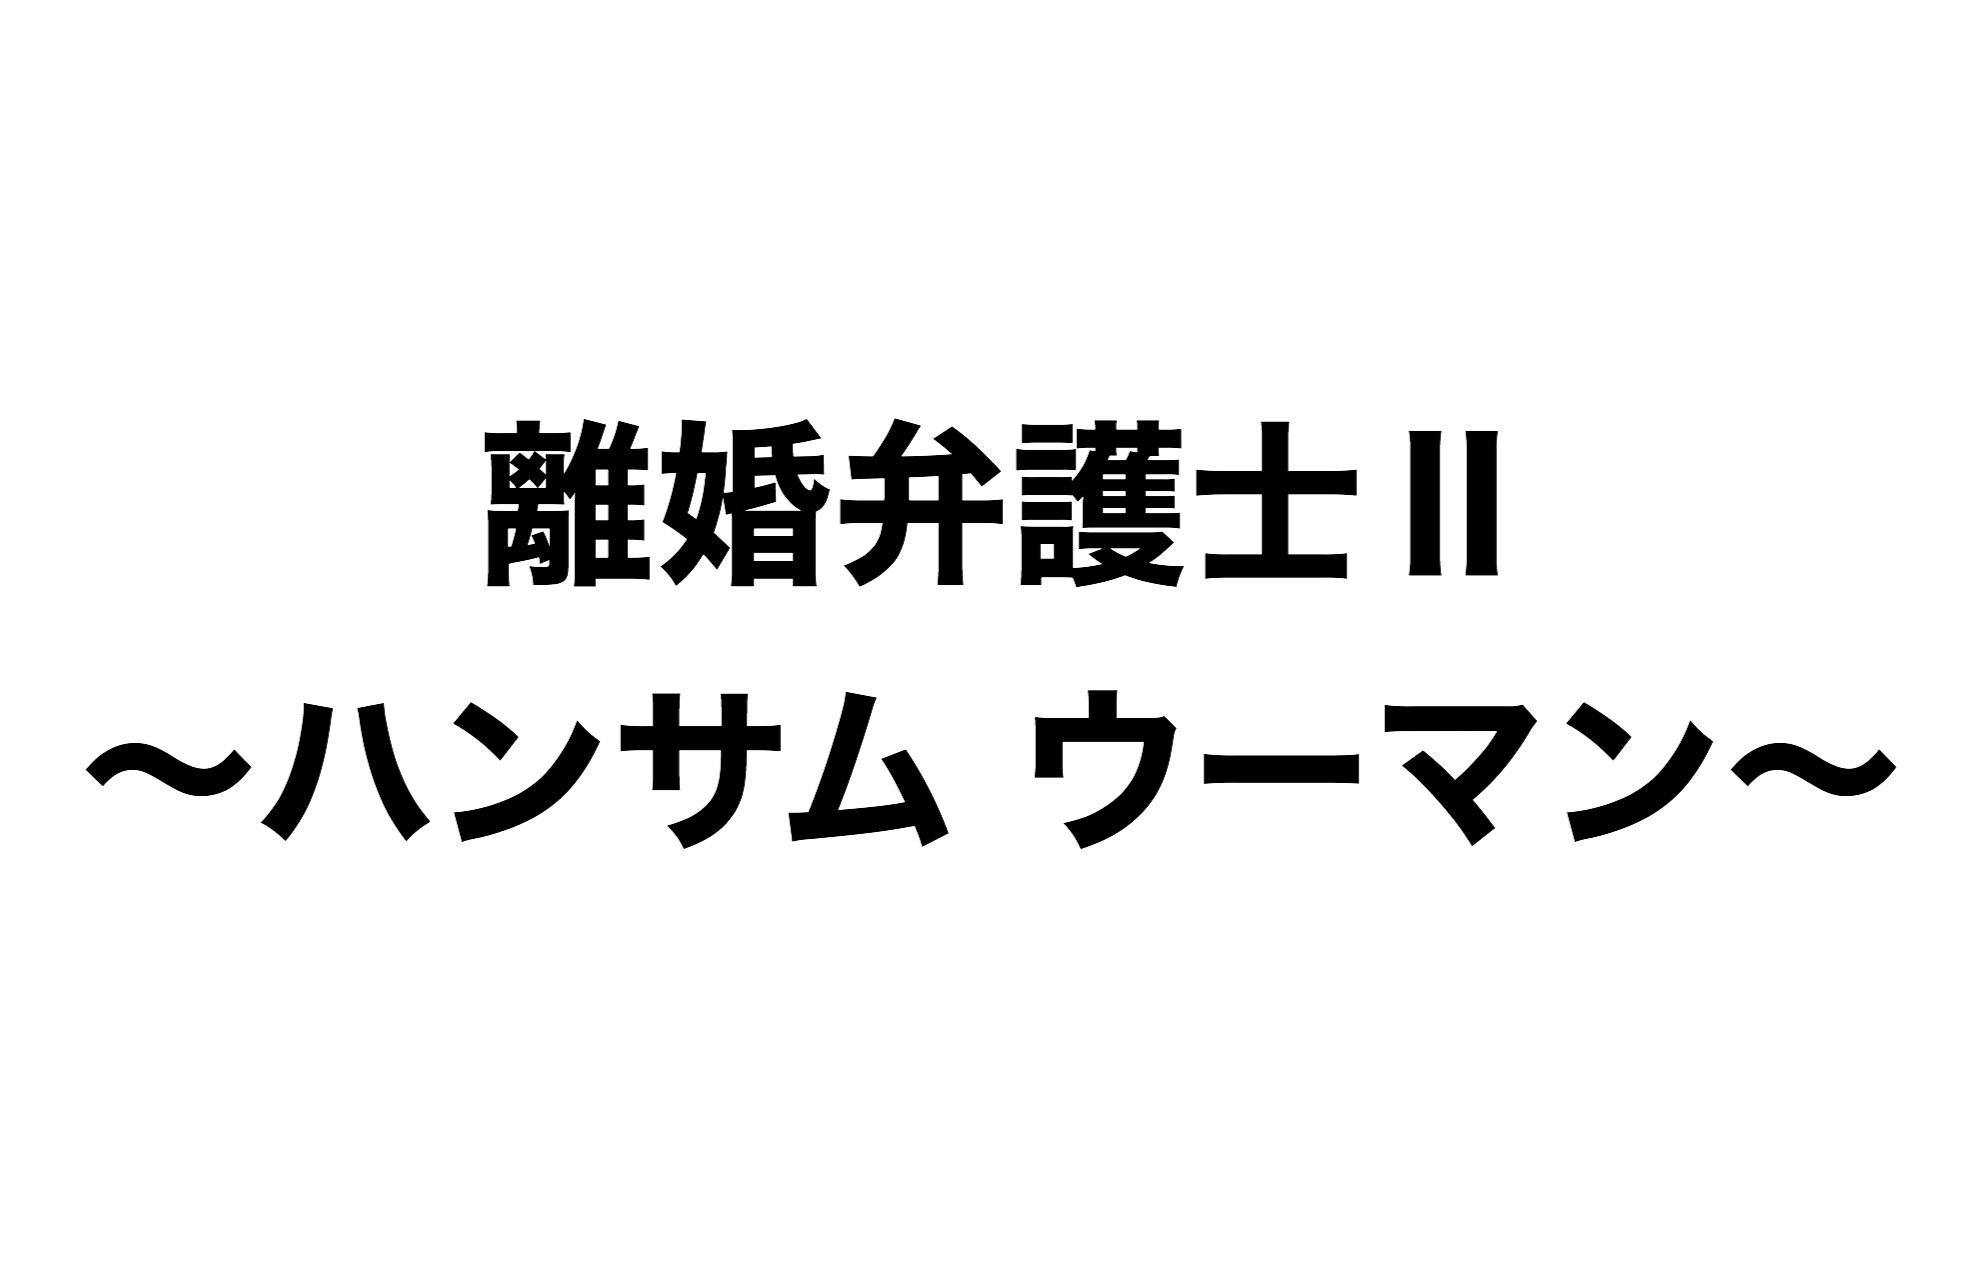 離婚弁護士Ⅱ~ハンサム・ウーマン~再放送予定【2020年最新版】